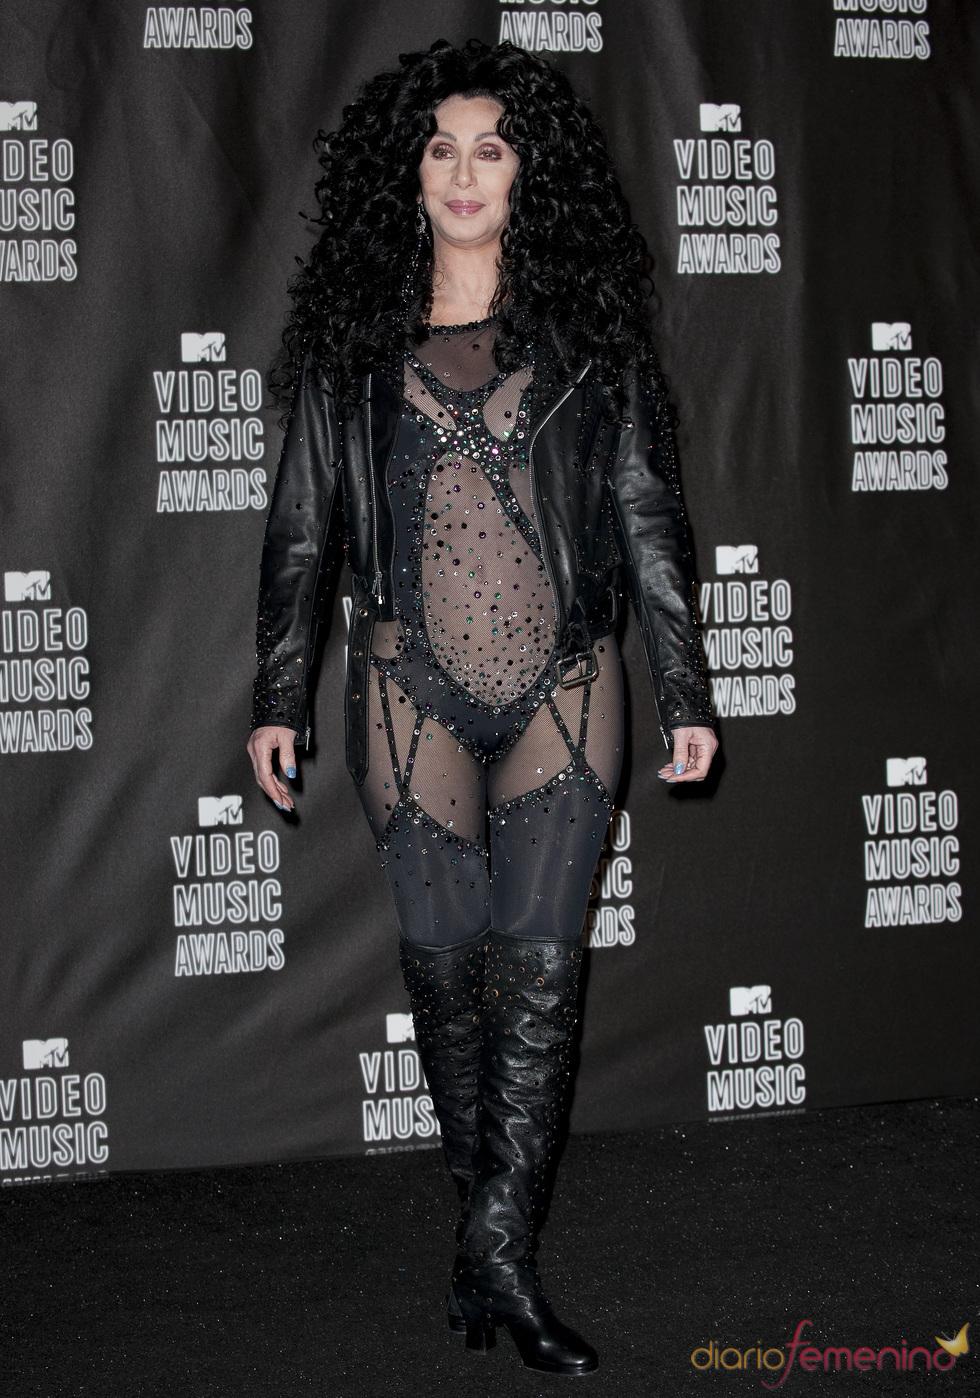 Una atrevida Cher en los MTV Video Music Awards 2010